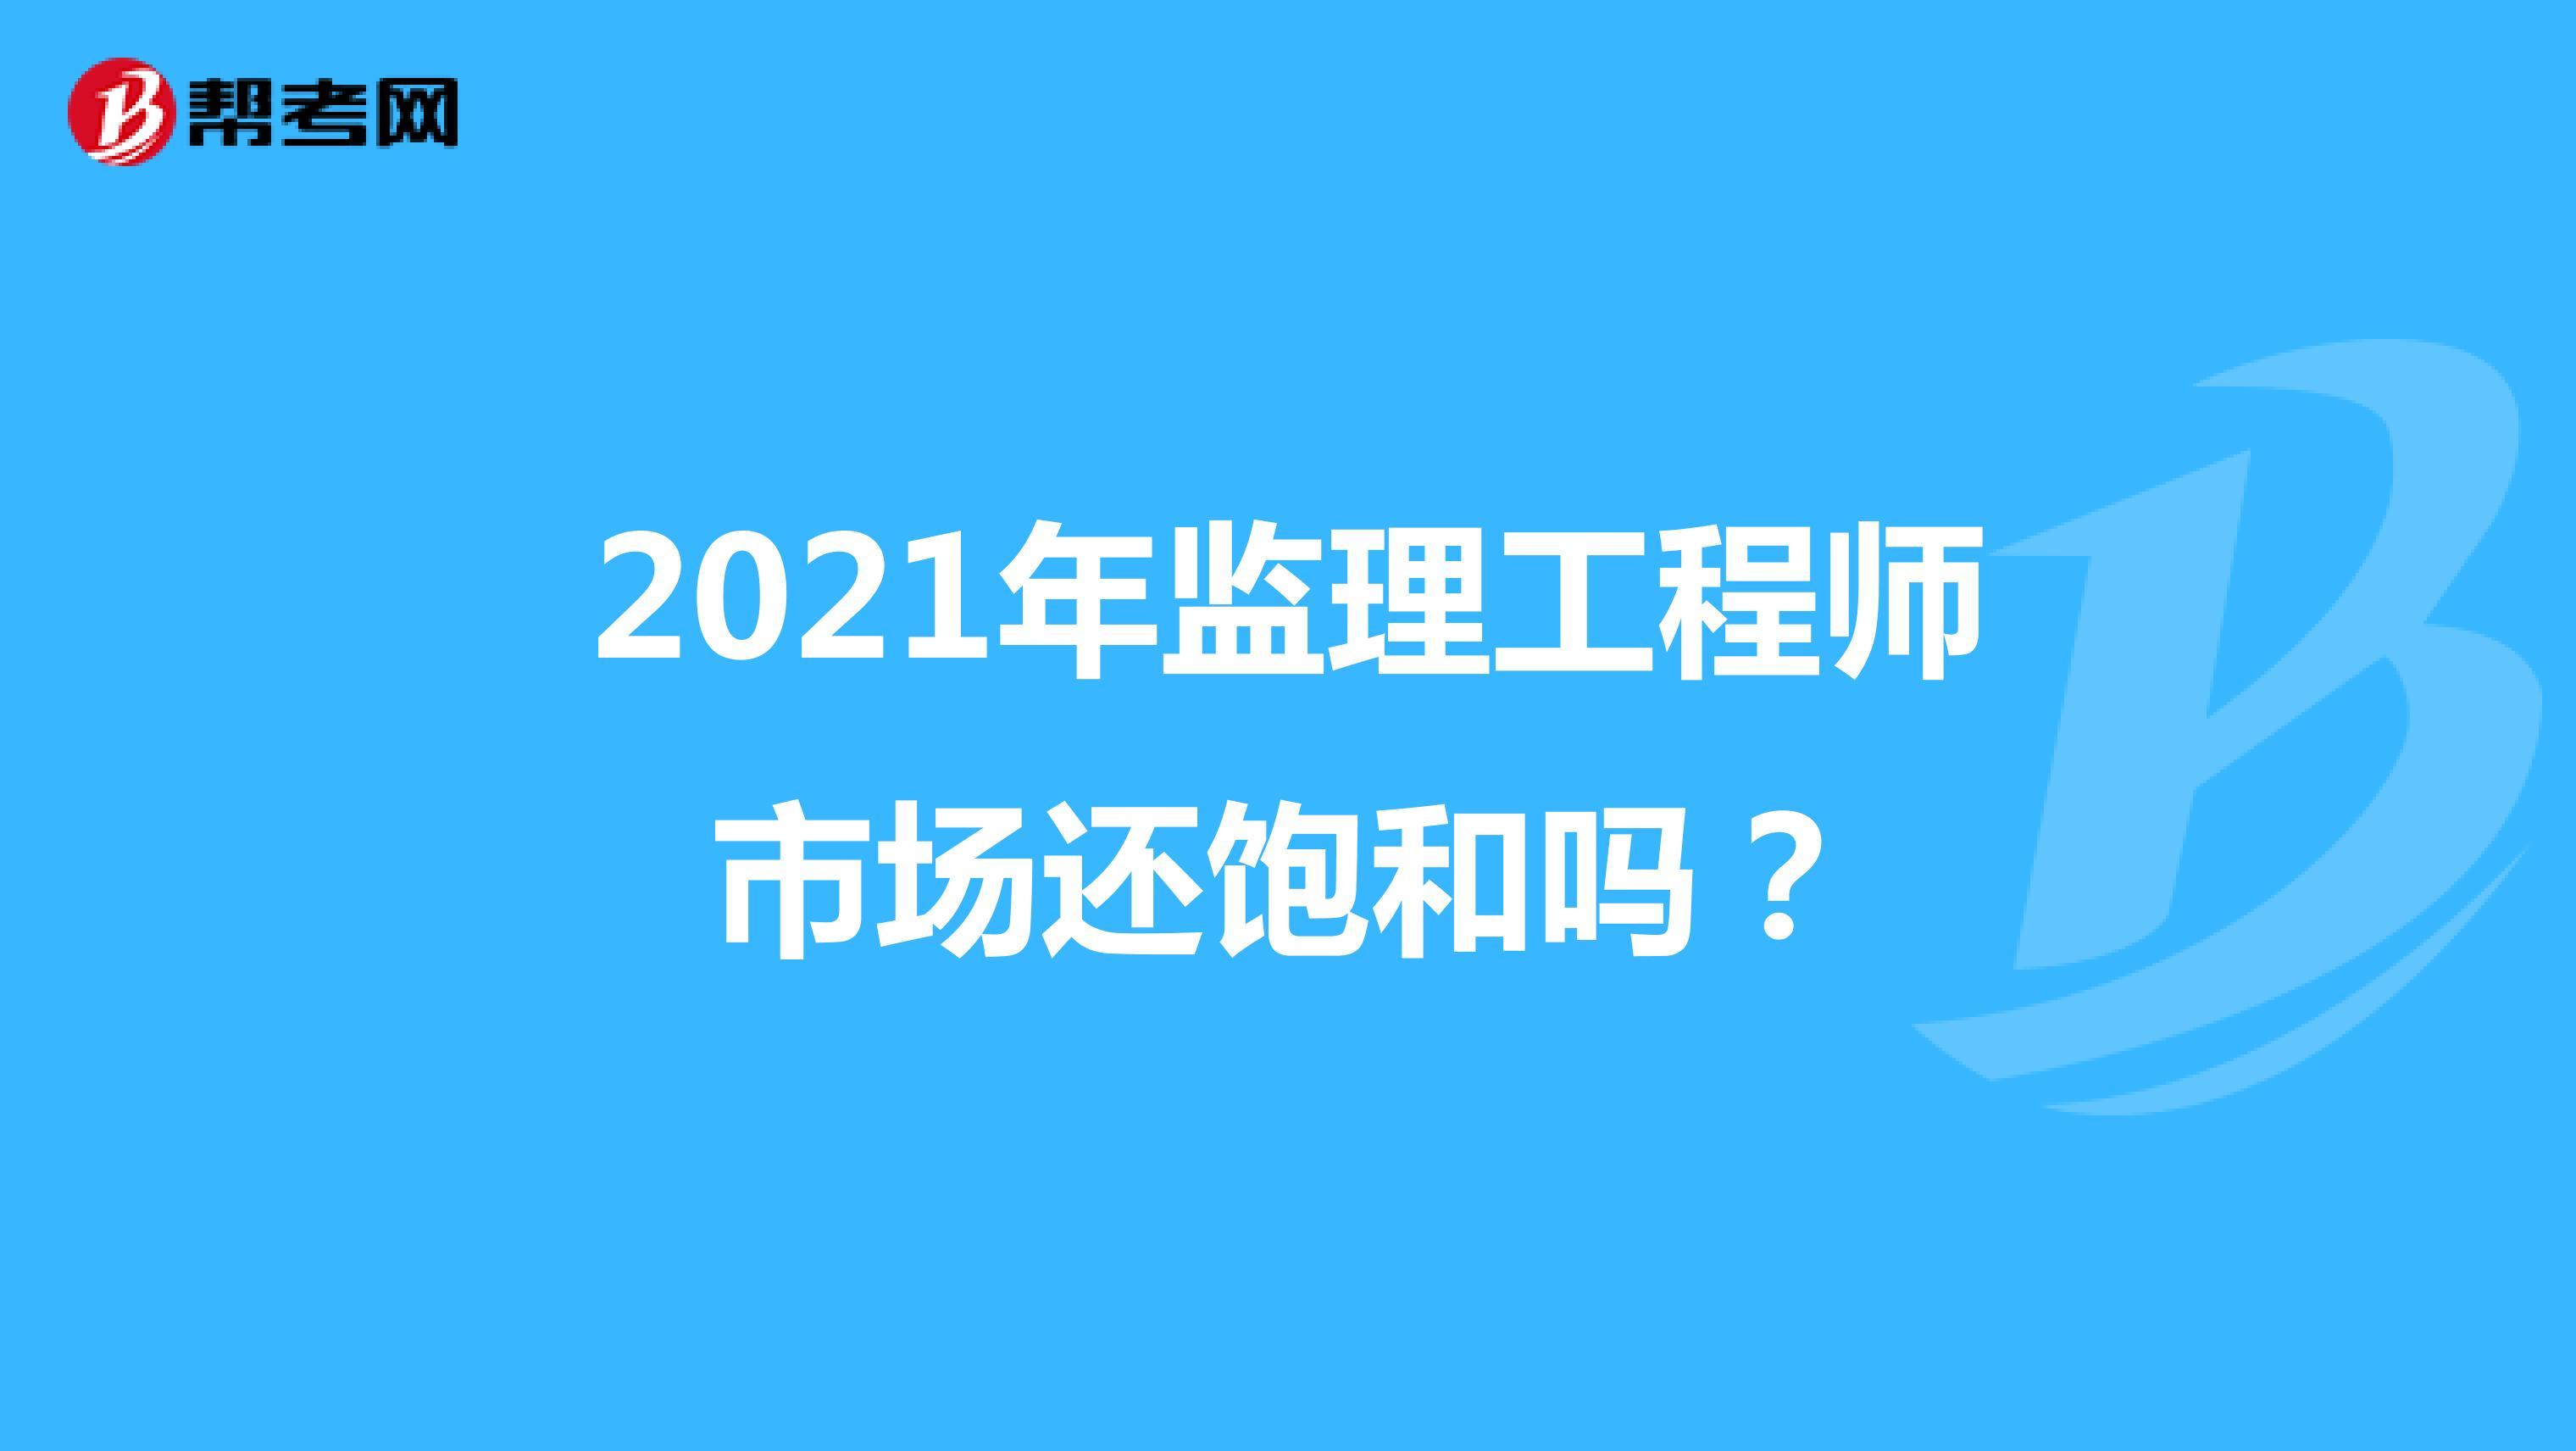 2021年监理工程师市场还饱和吗?